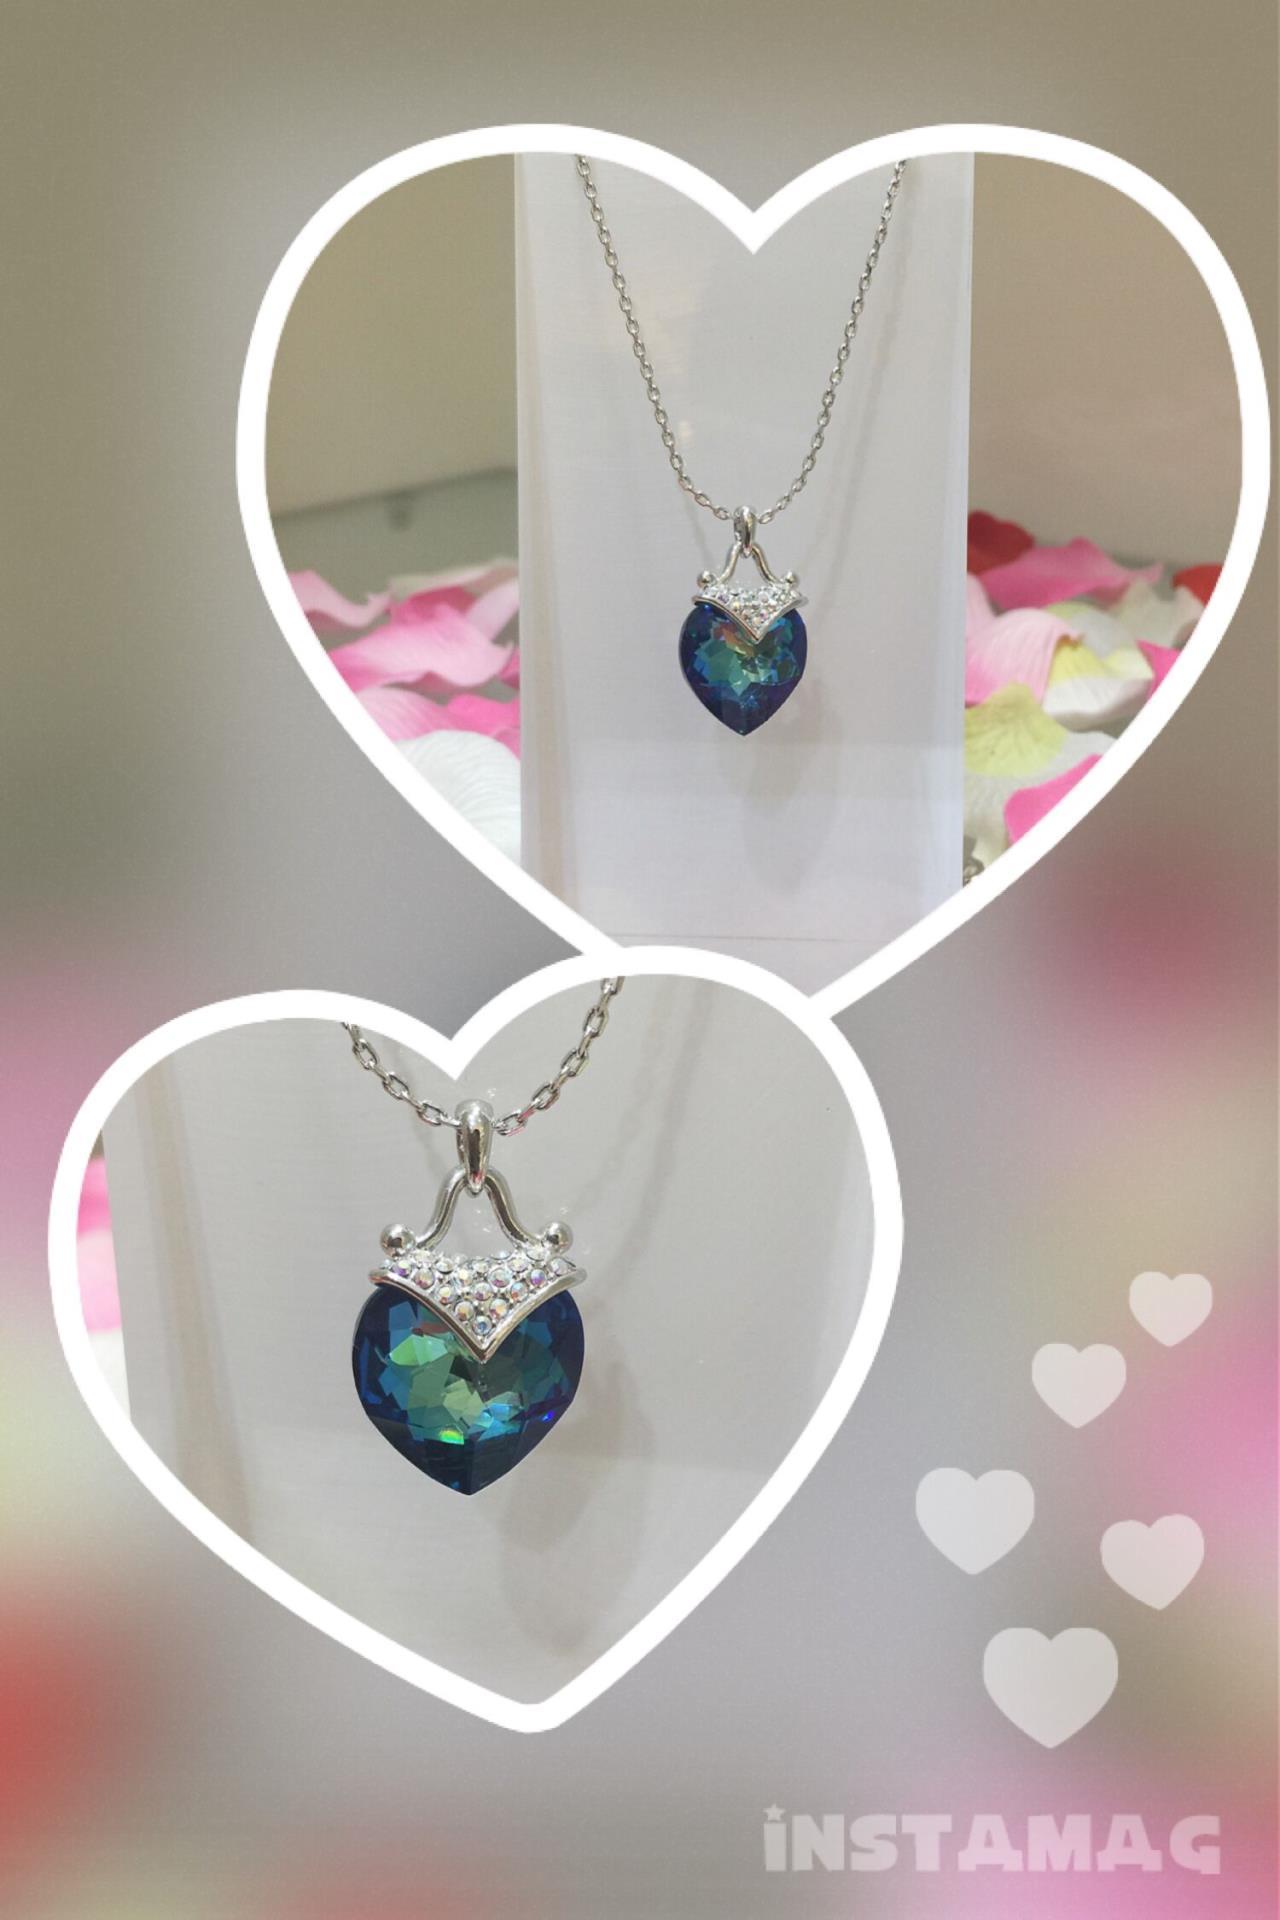 七彩蓝心形项链